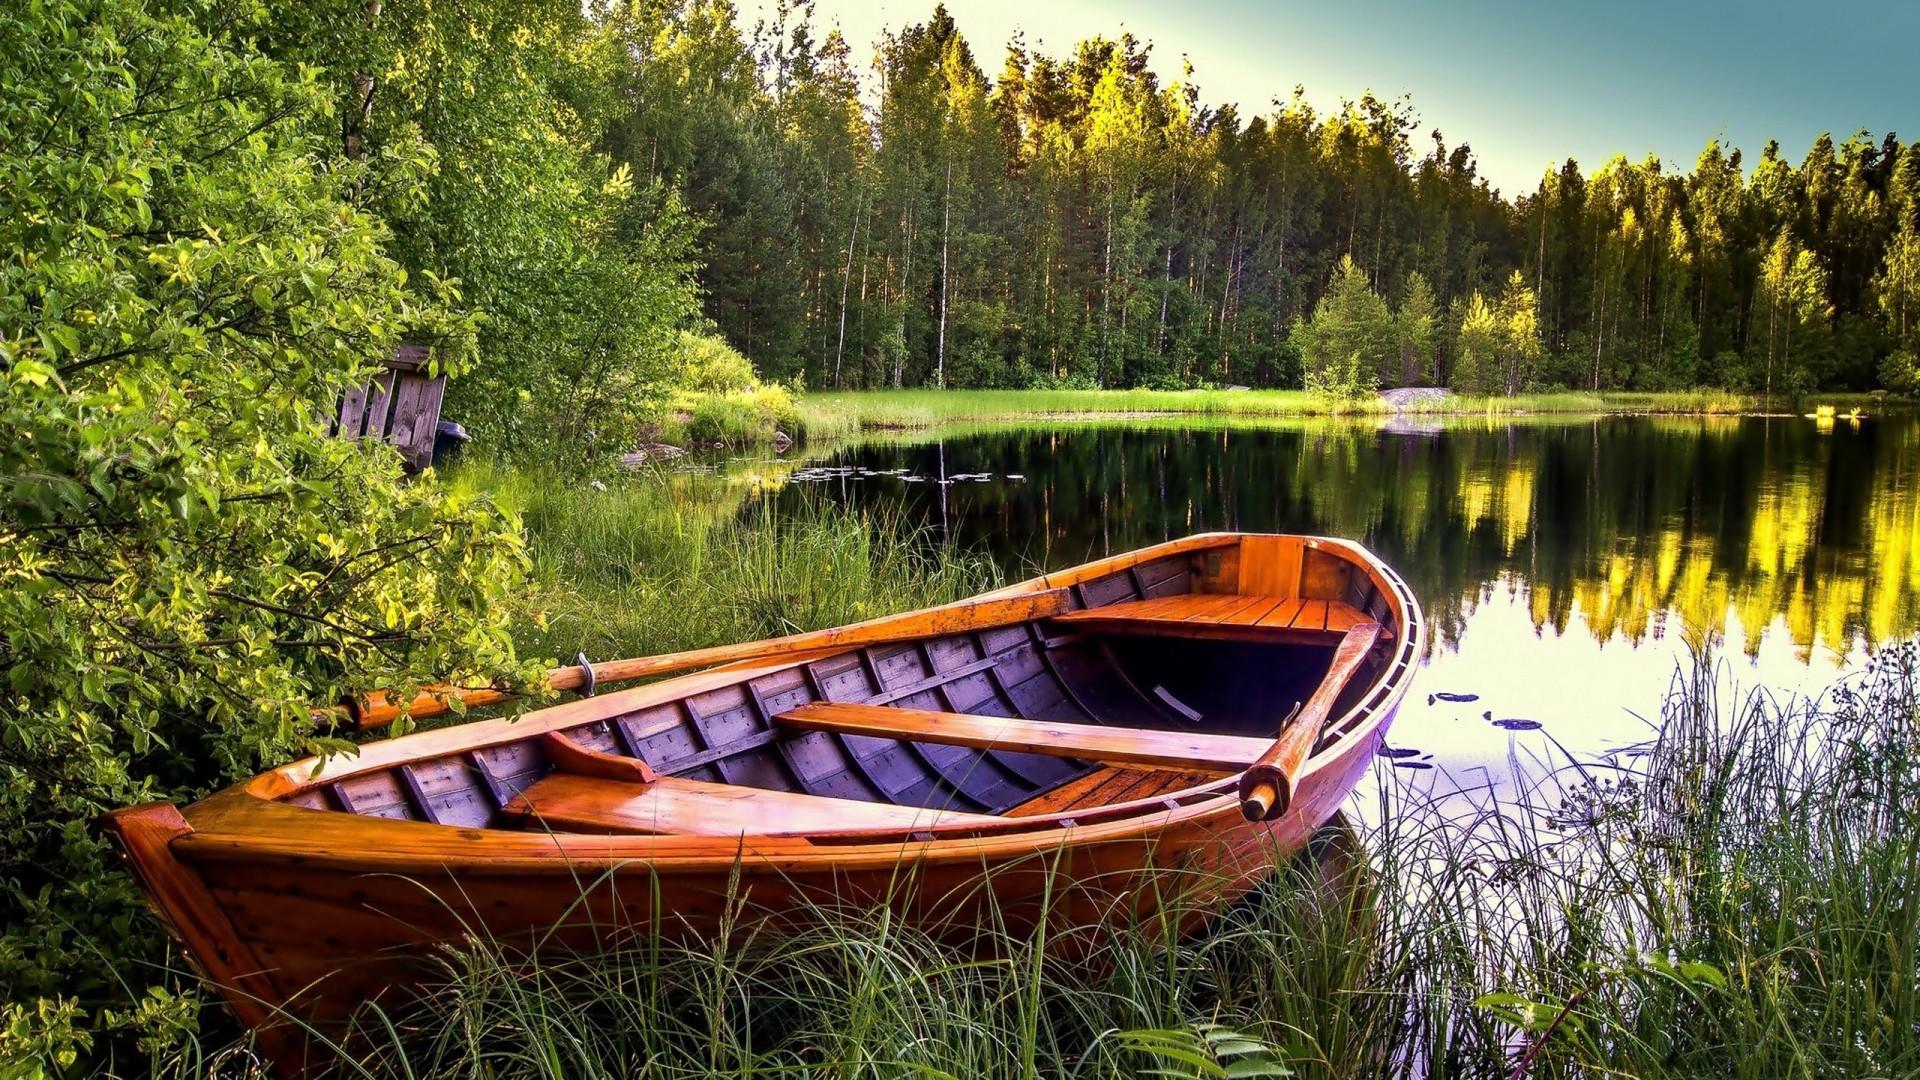 Lac De Montagne Gratuit Hd Fond D Ecran Bateau Hd 1920x1080 Wallpapertip